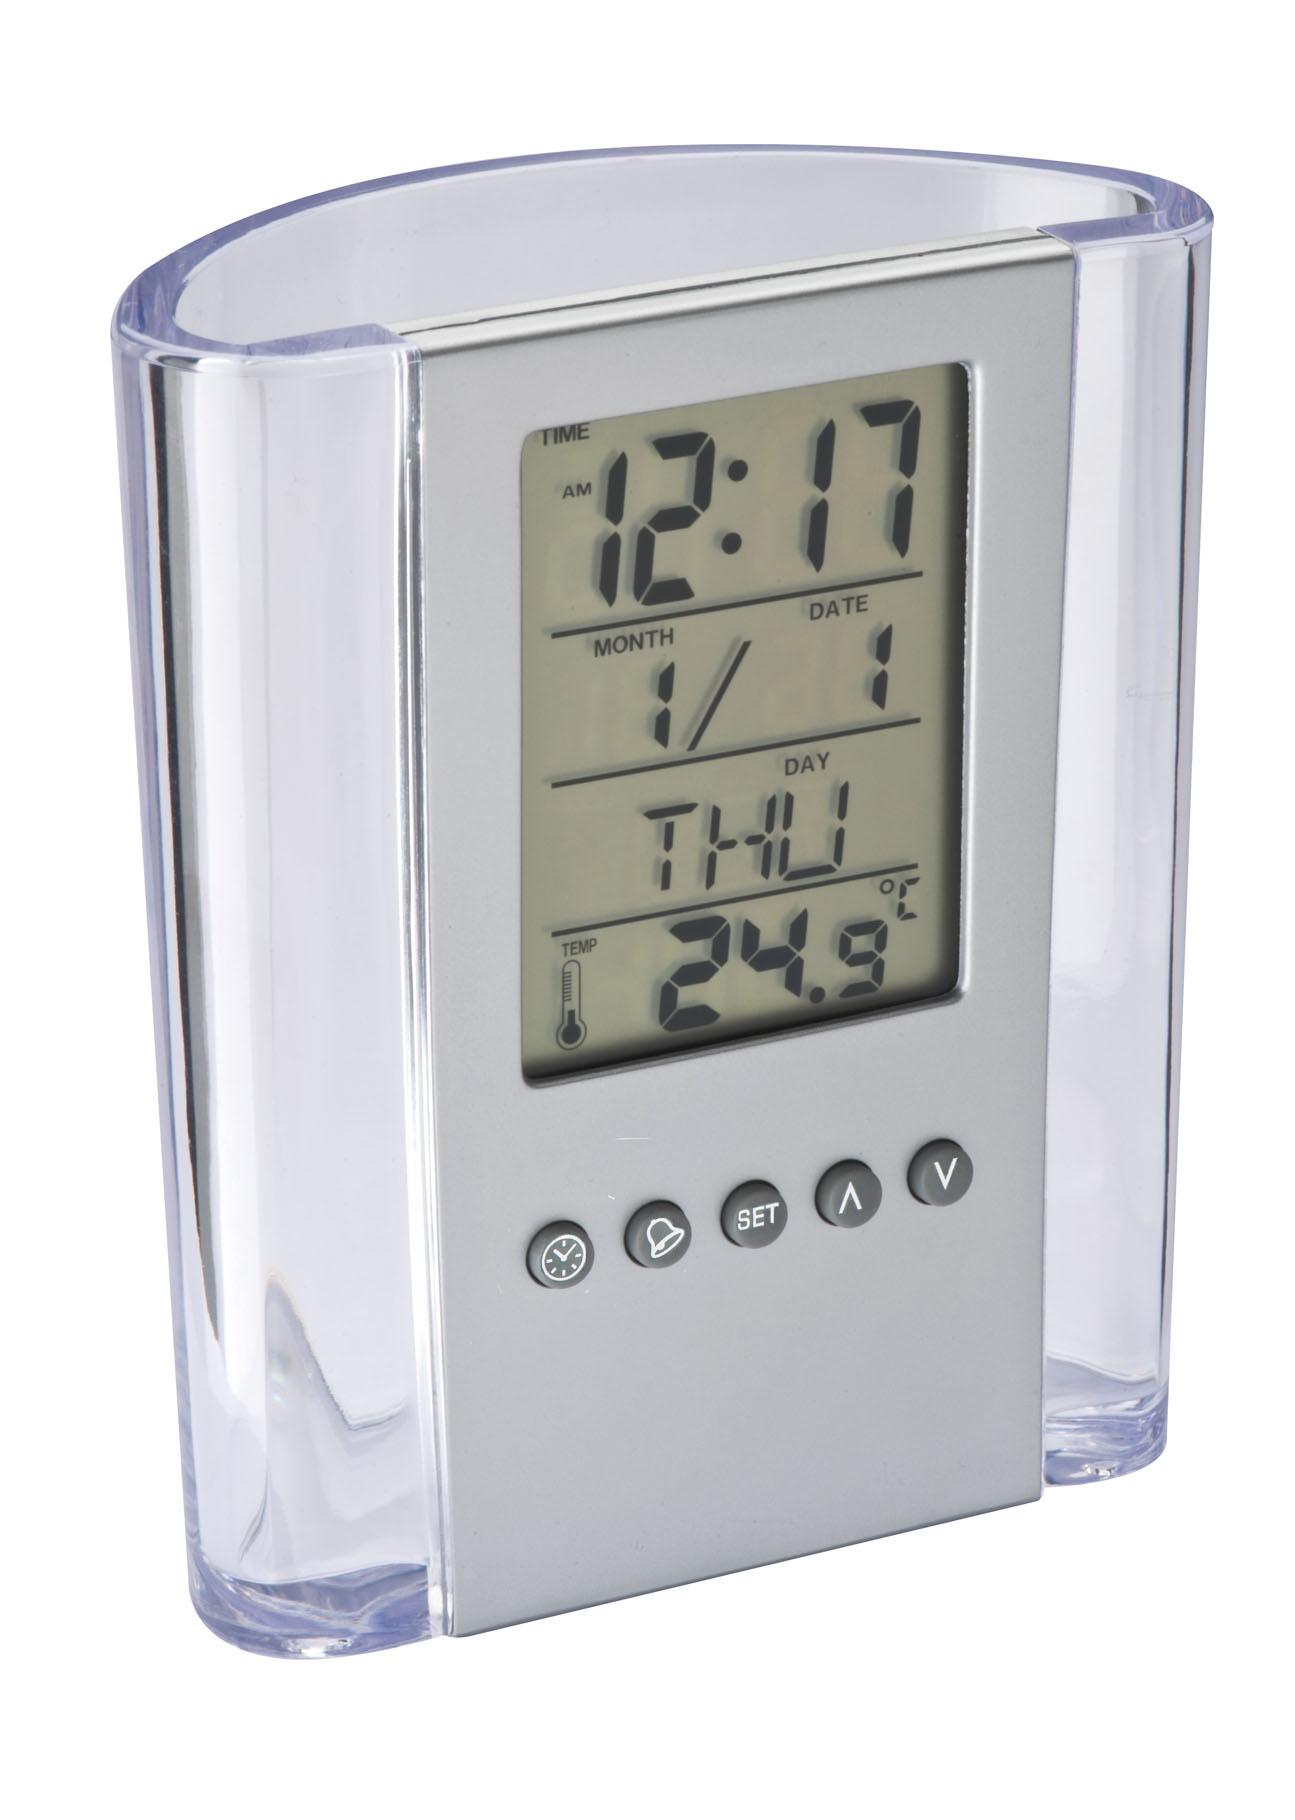 3e3b86b2cf9682cd73dd9cdf2e091223ef6133c6 Elegantes Uhr Mit Temperaturanzeige Dekorationen